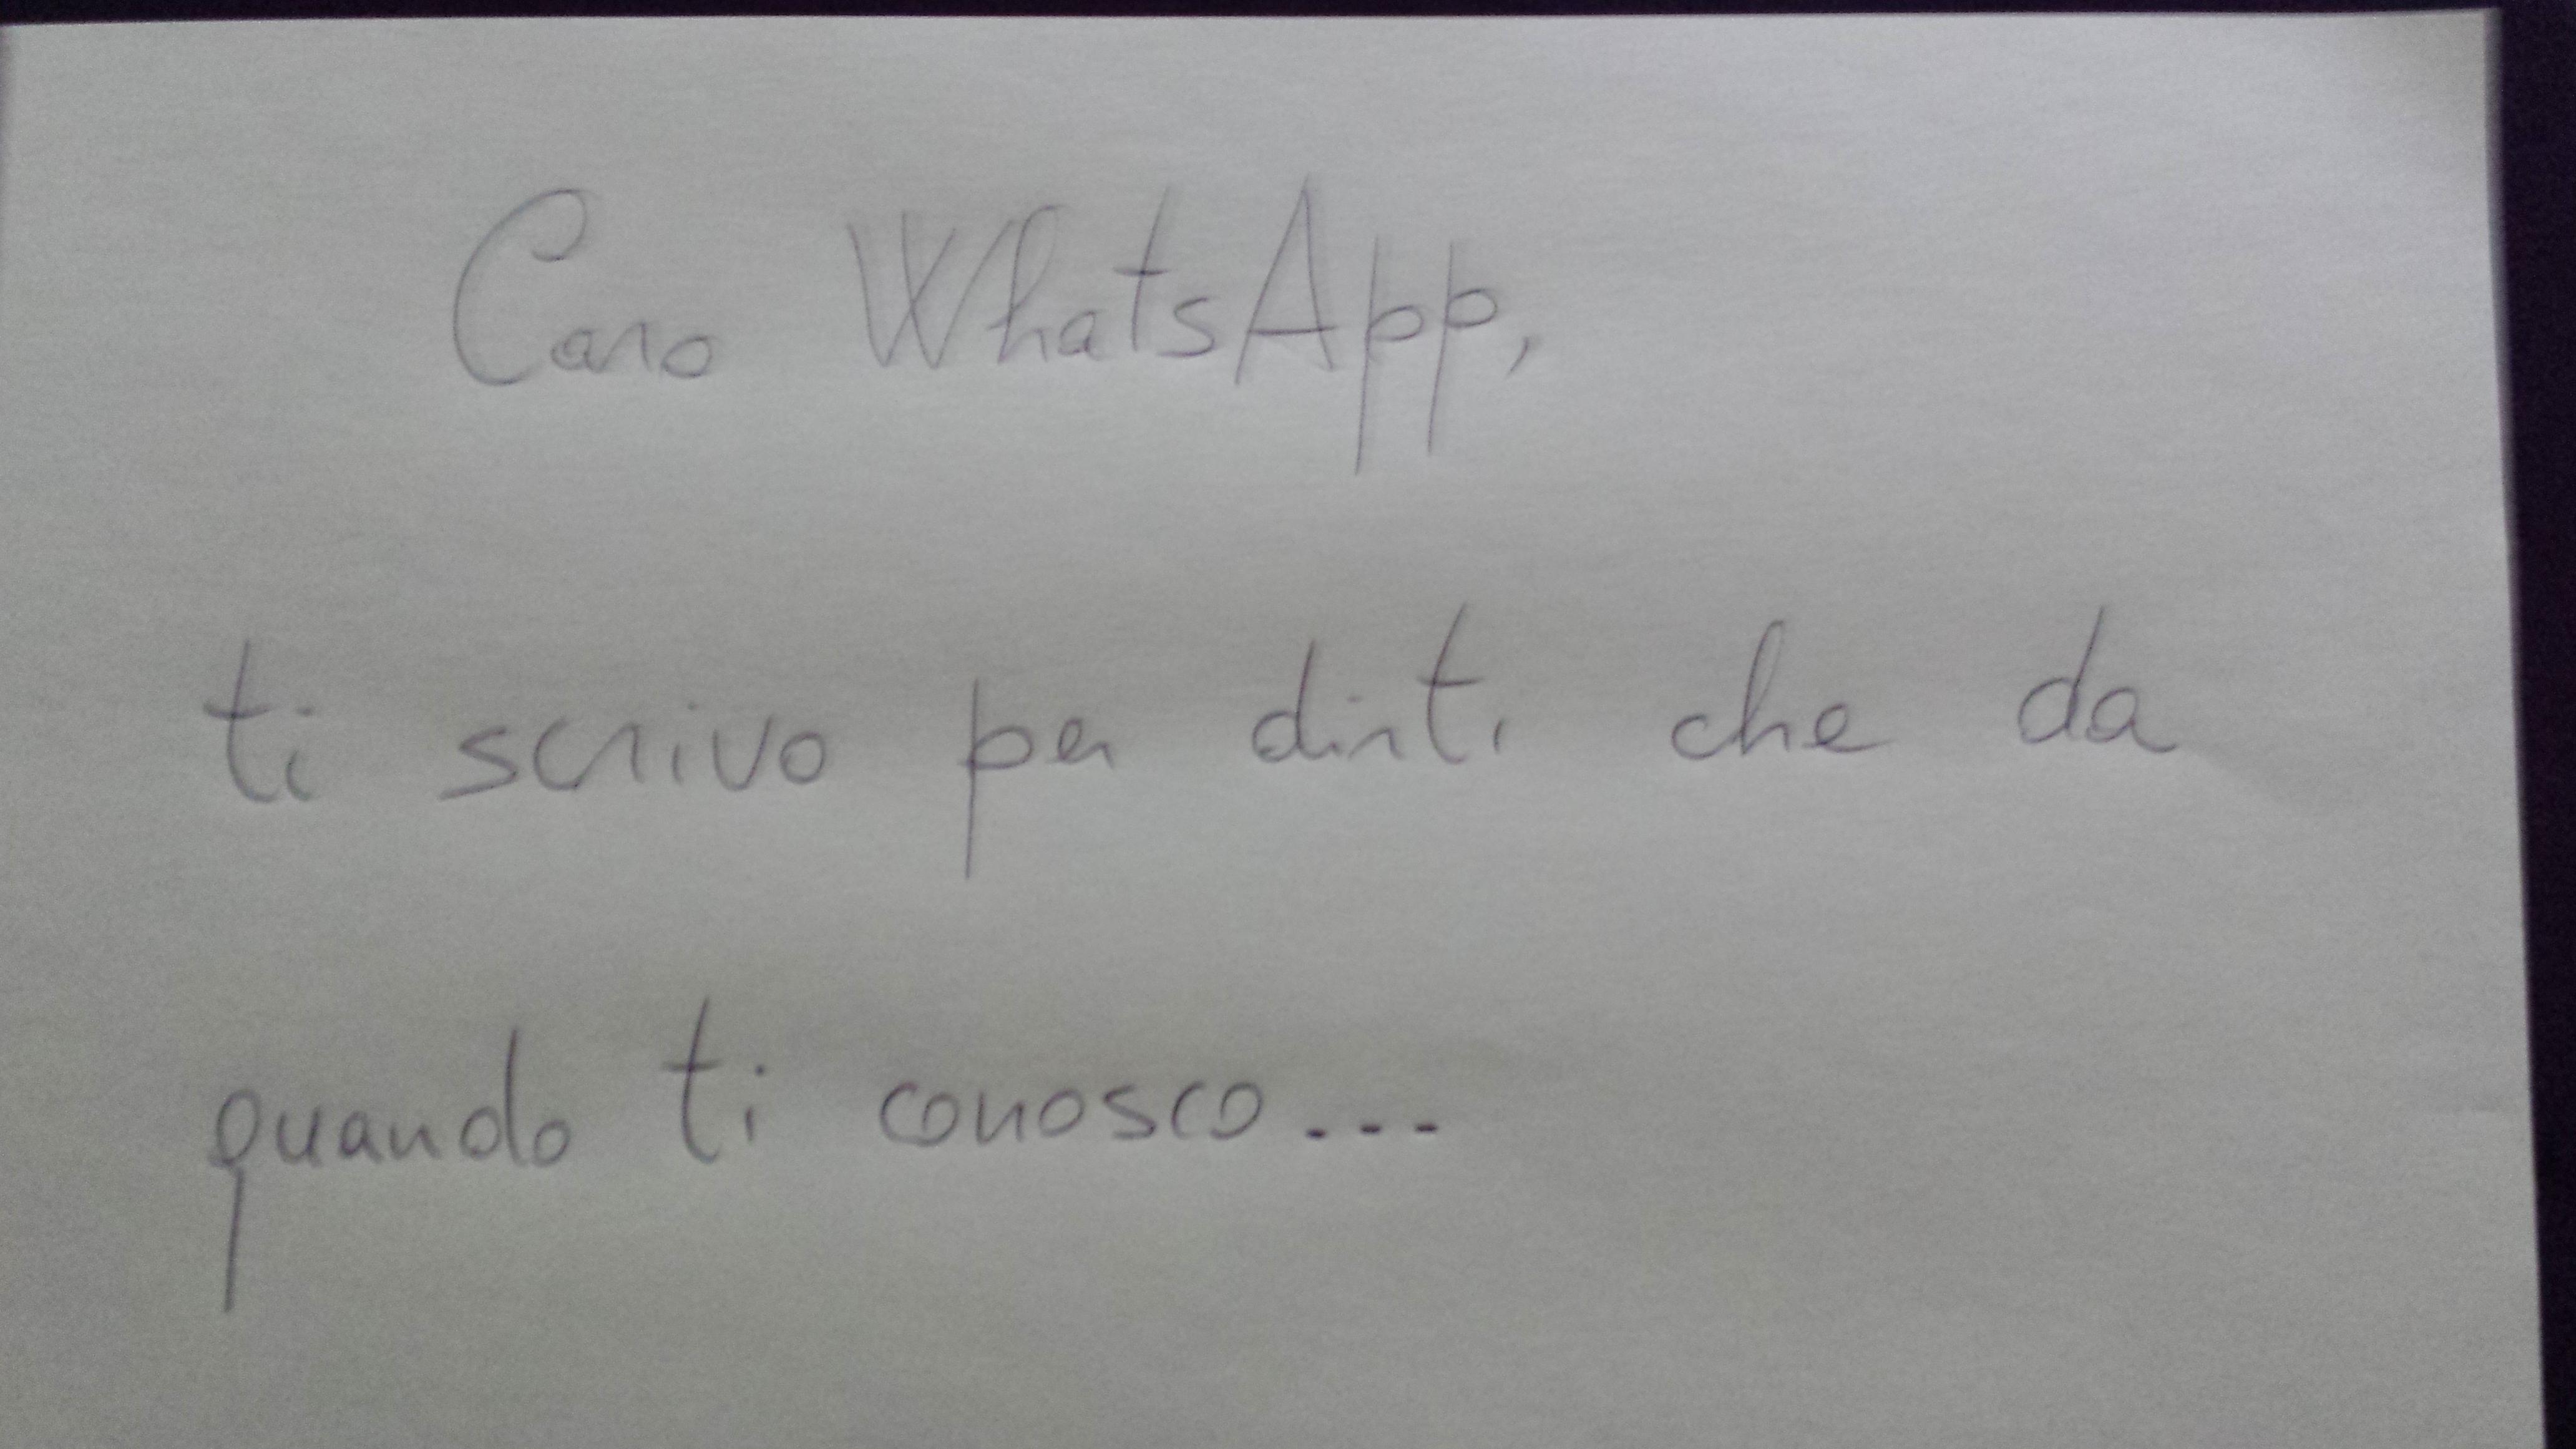 Dove abiti? In WhatsApp.